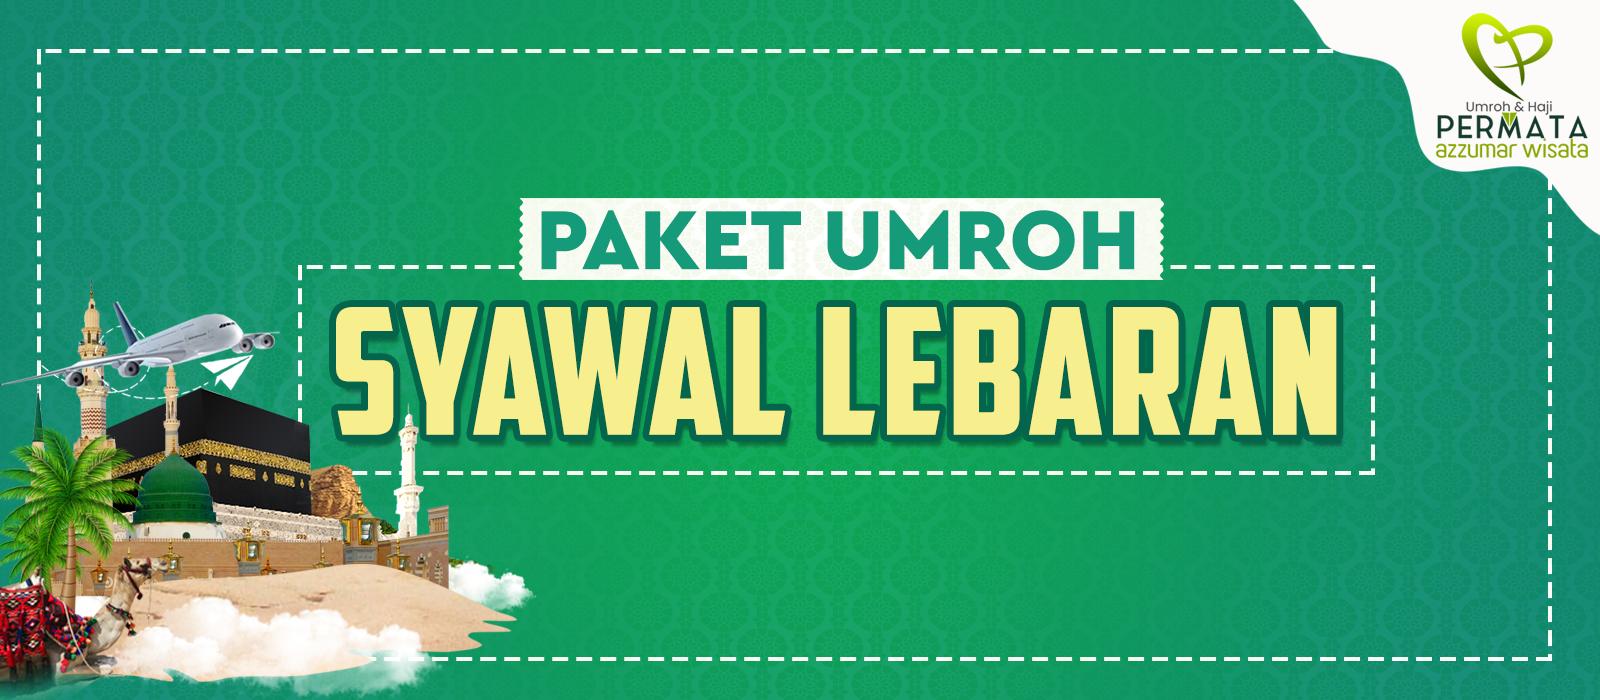 Paket Biaya promo Umroh Murah Syawal lebaran